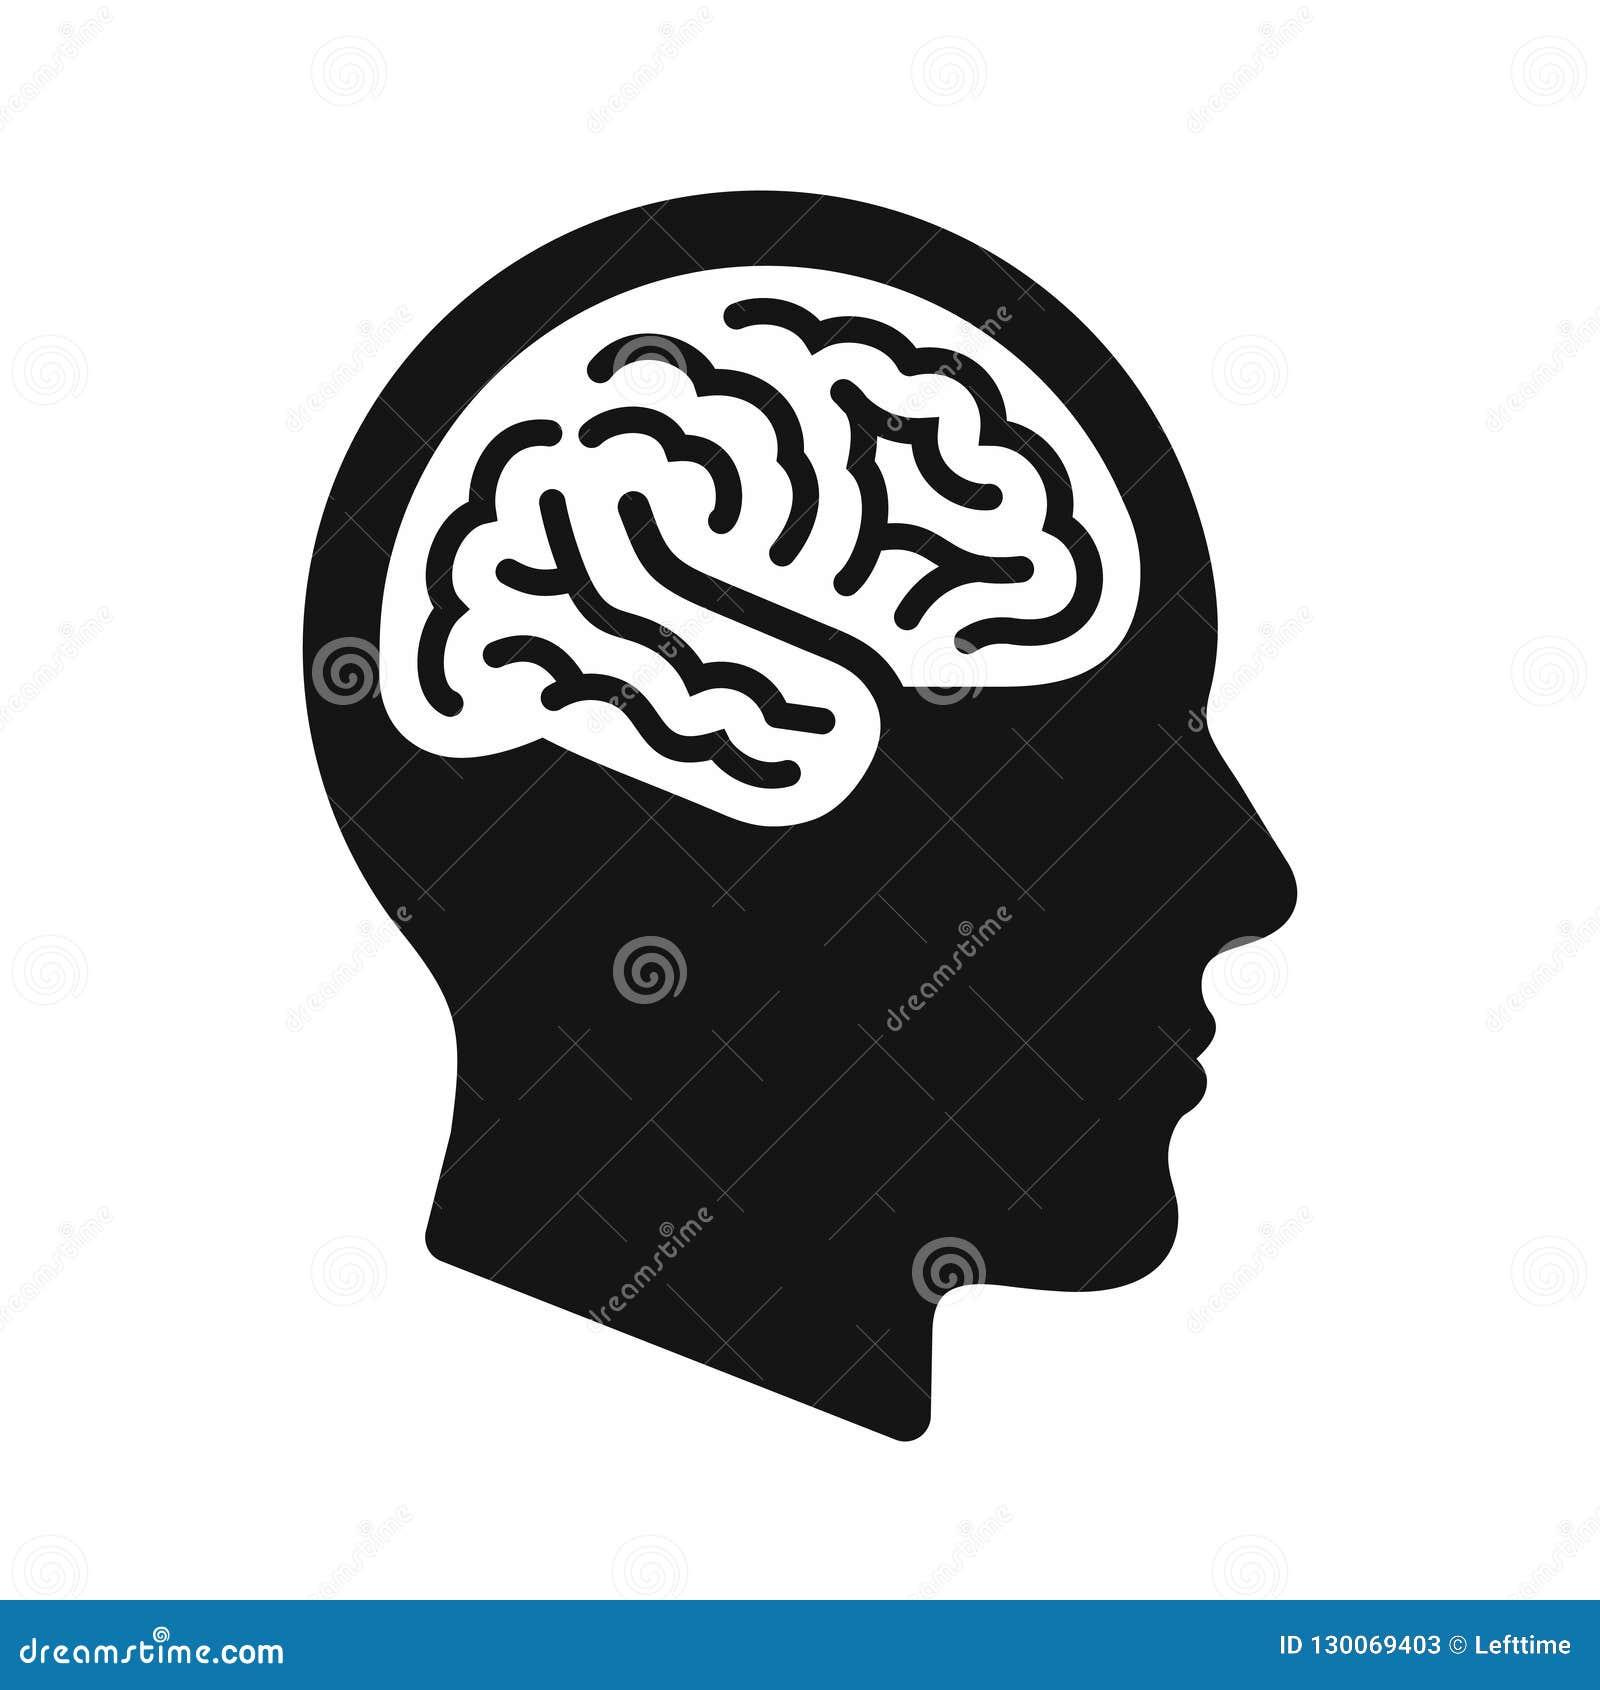 Profil för mänskligt huvud med hjärnsymbolet, svart symbolsvektorillustration